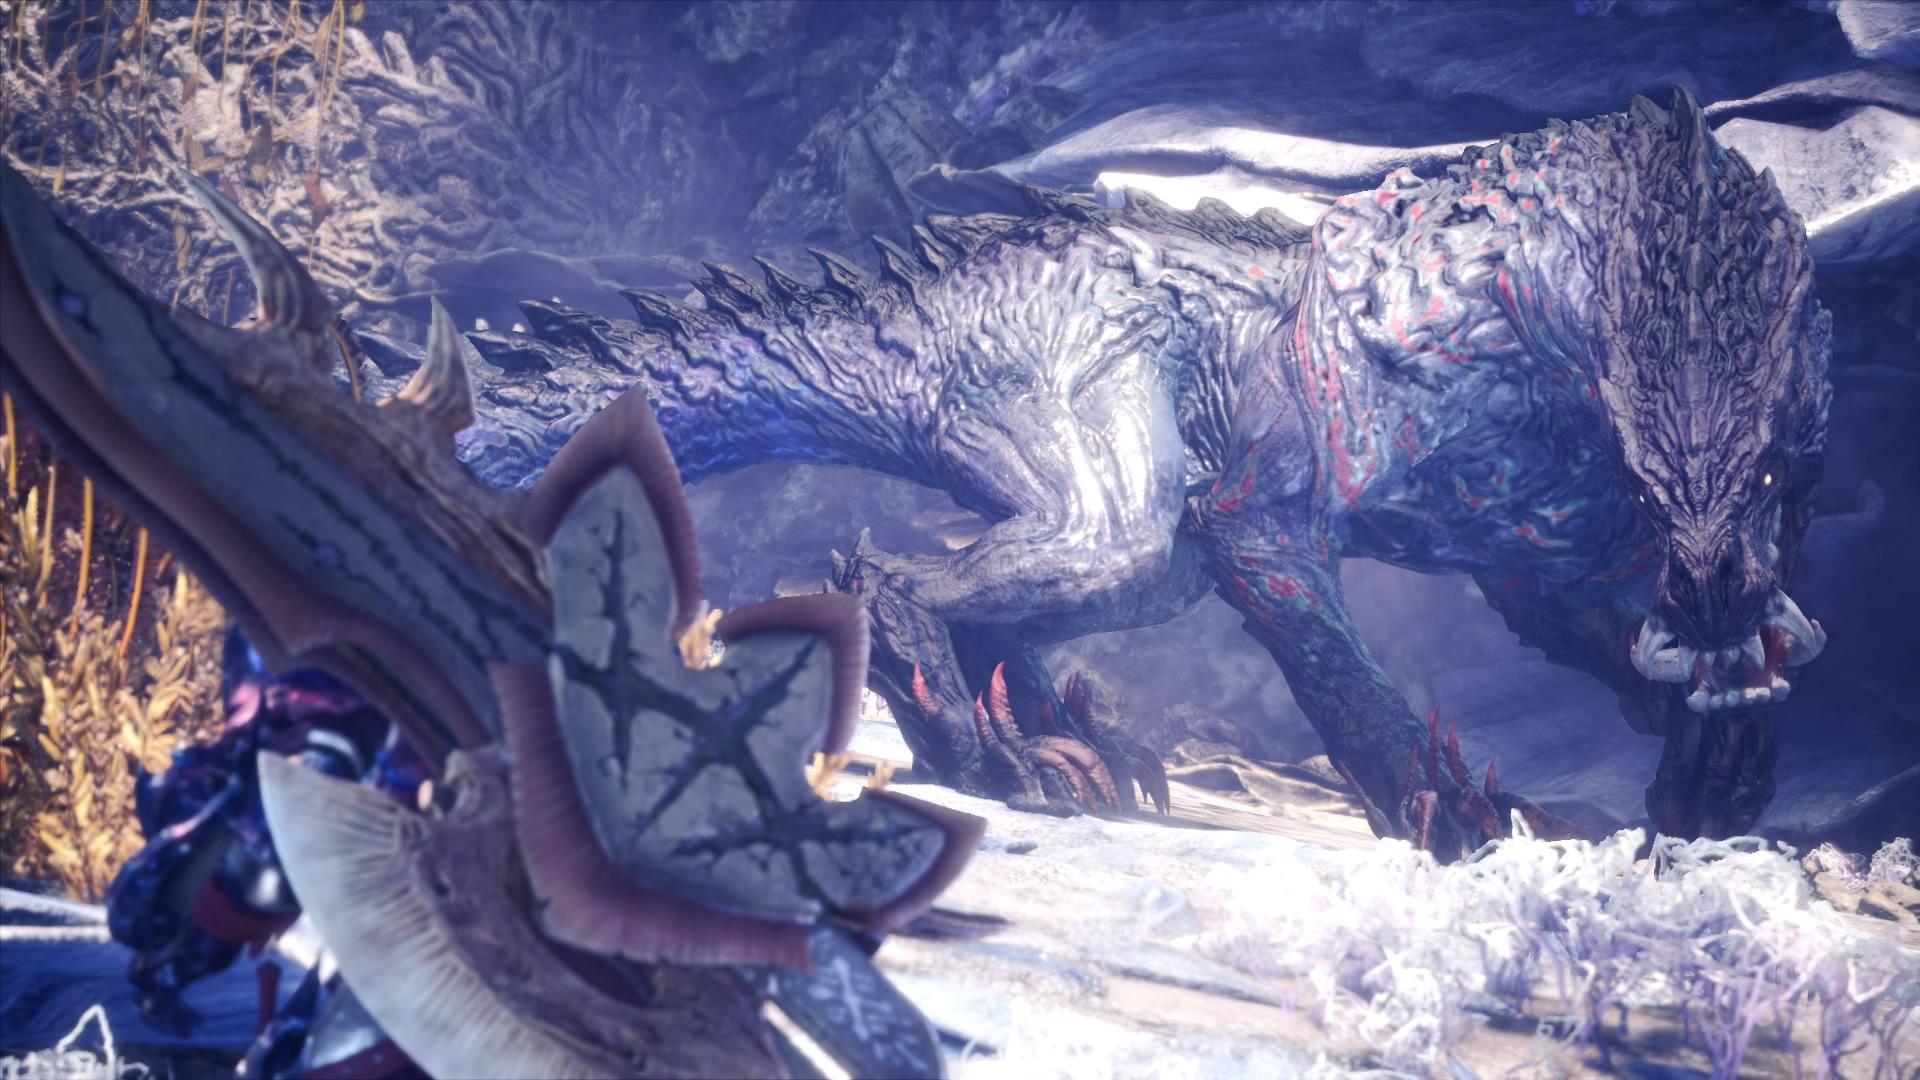 ハンター日記33 兇爪竜オドガロン亜種 T Sのパスタンファボリ